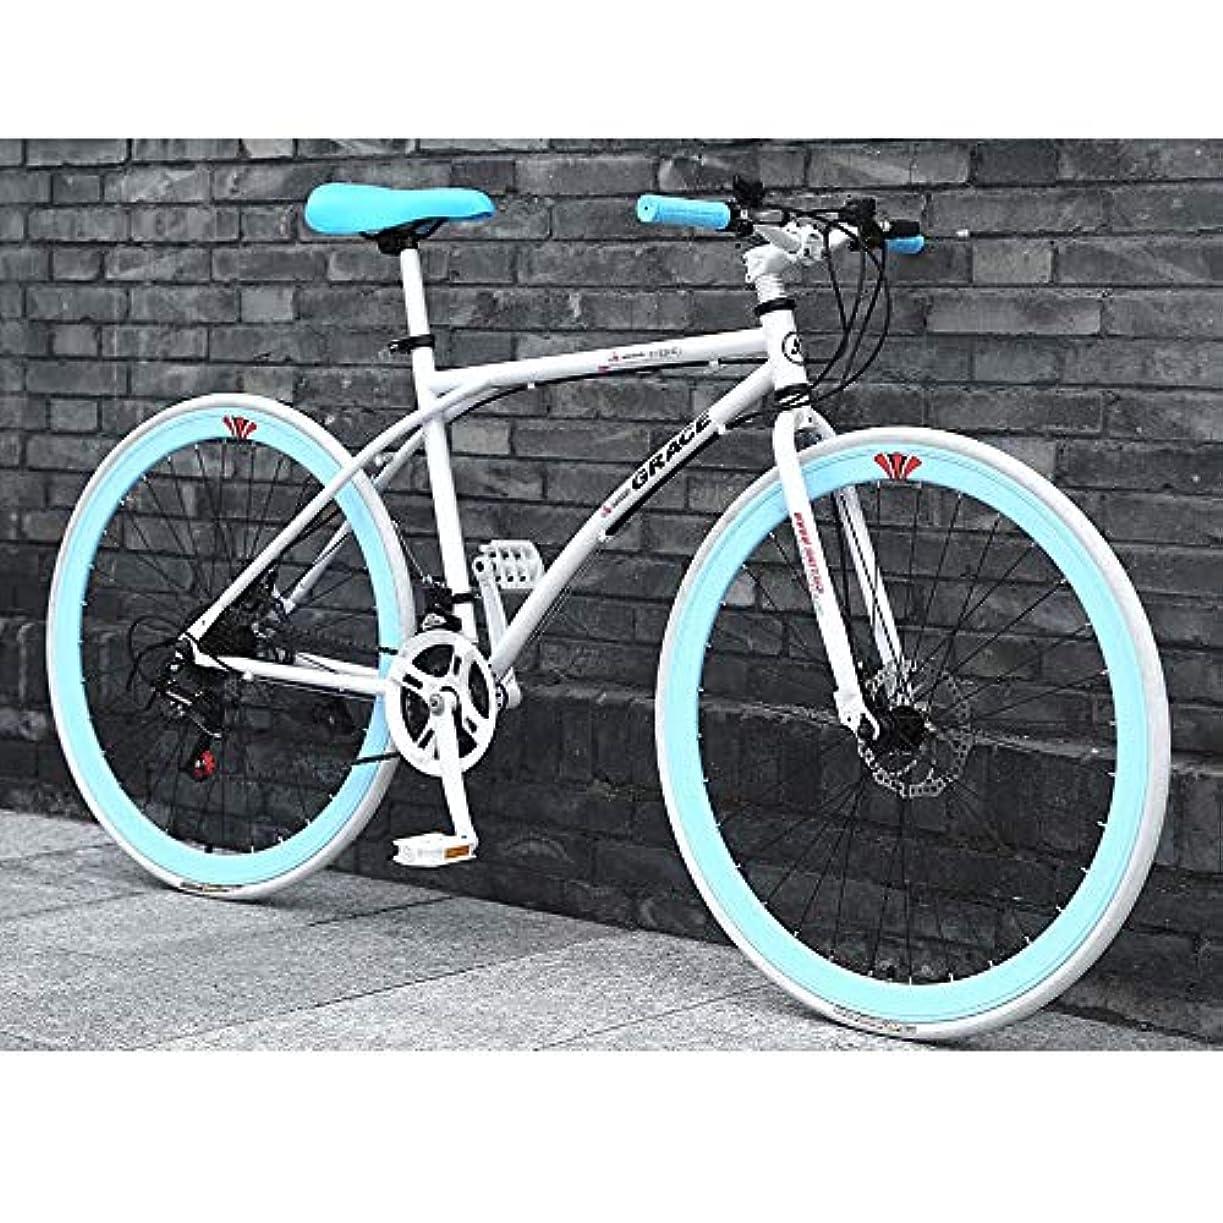 資料ブラウザ天井26インチの炭素鋼のマウンテンバイク24スピード自転車プレミアムのフルサスペンションMTBのために男性と女性ロードバイクとMTB□□歯車デュアルディスクブレーキマウンテン自転車 (Color : A)